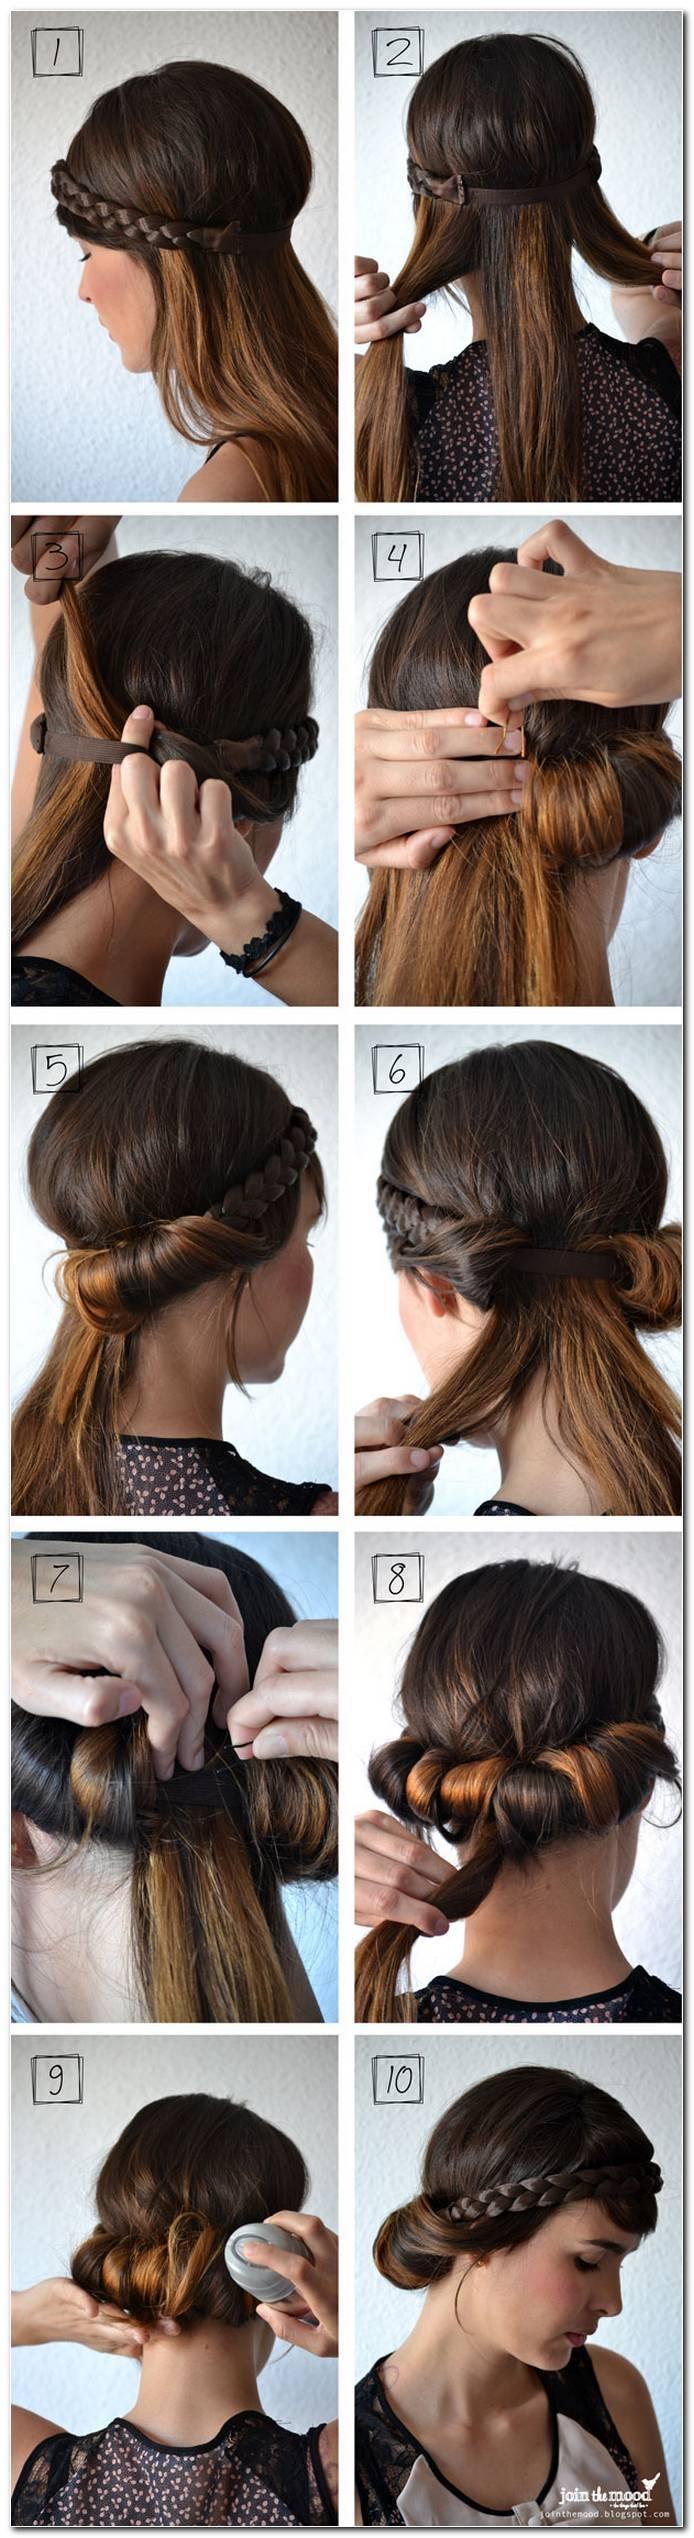 Schnelle Frisuren Mittellanges Haar Selber Machen